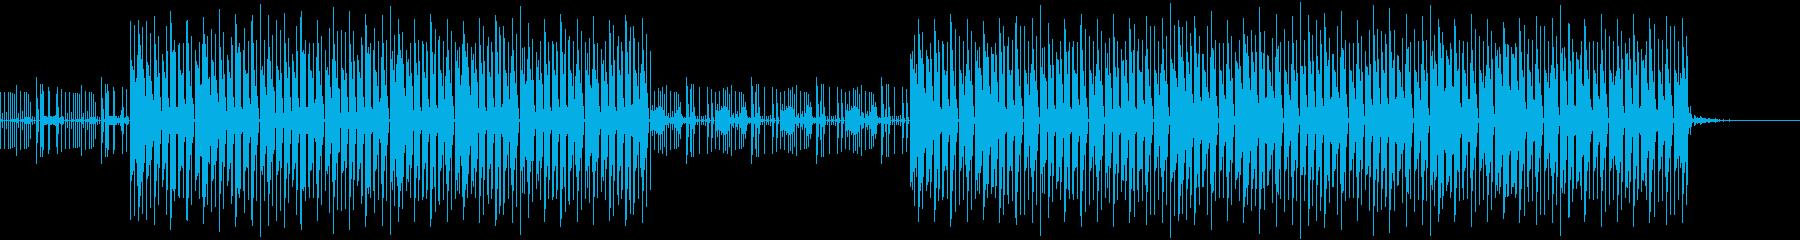 おしゃれ・シンプル・EDM・空気感の再生済みの波形